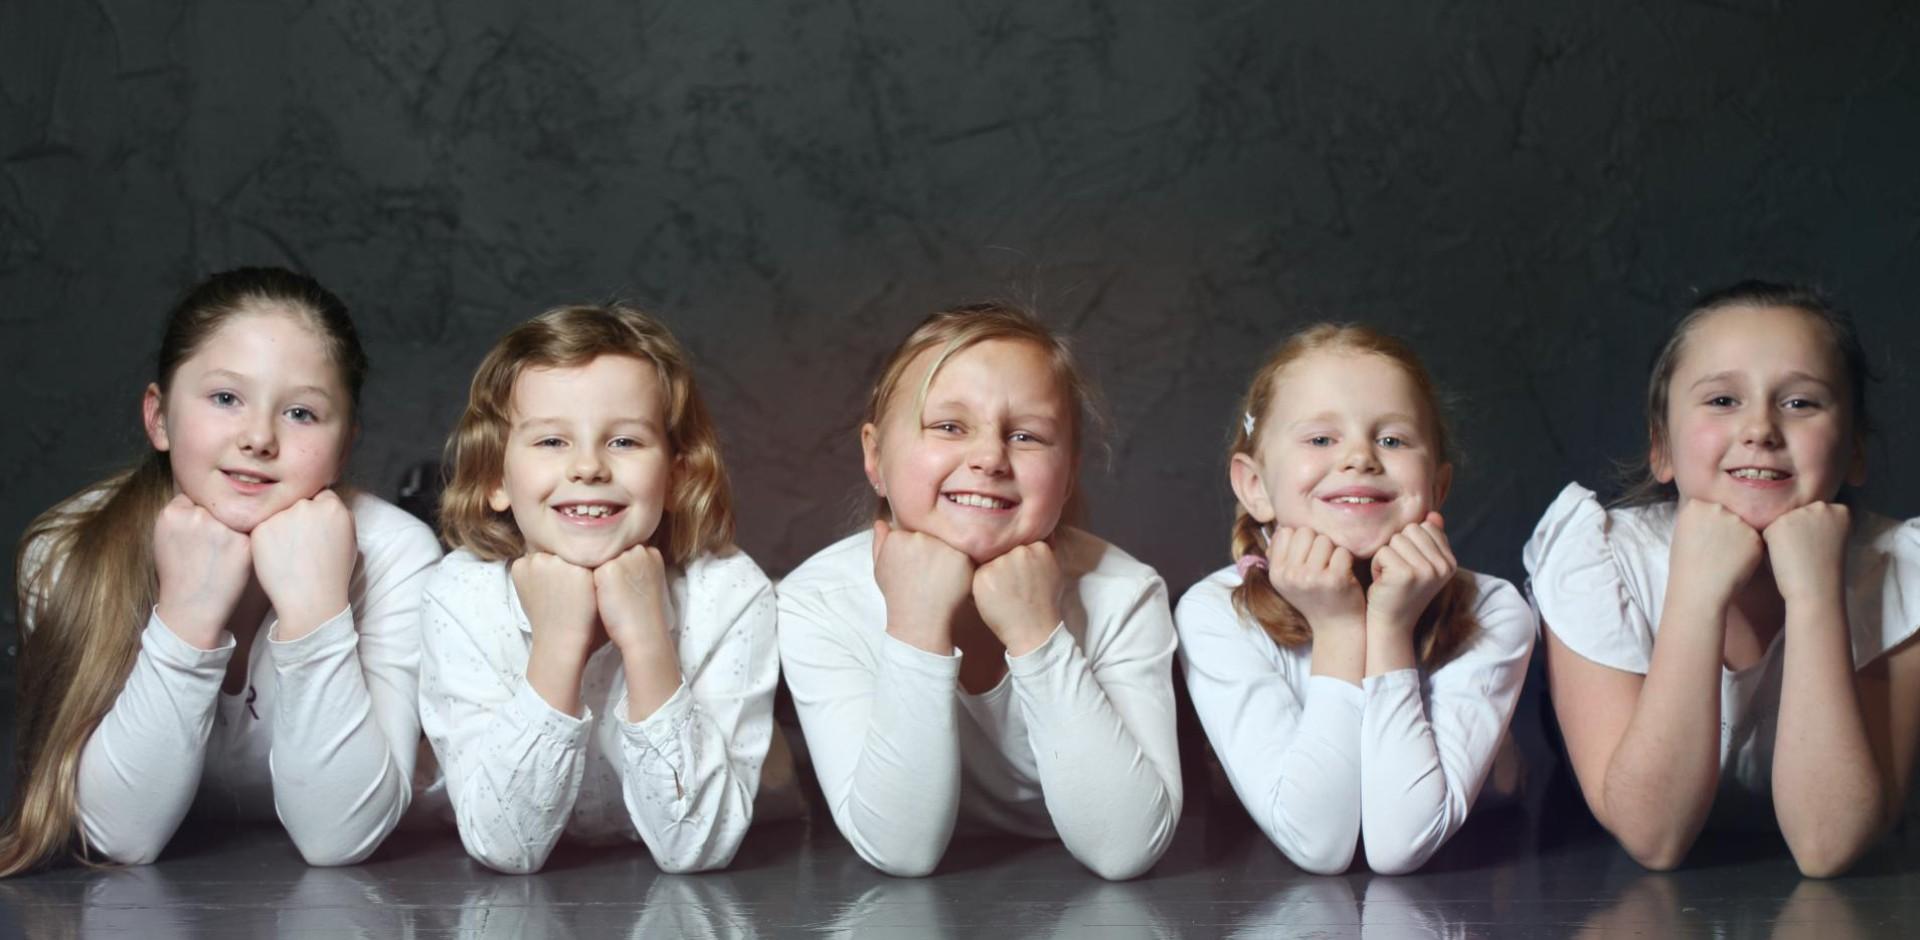 najważniejsze informacje - Dziecięcyzespół wokalny Wiolinki